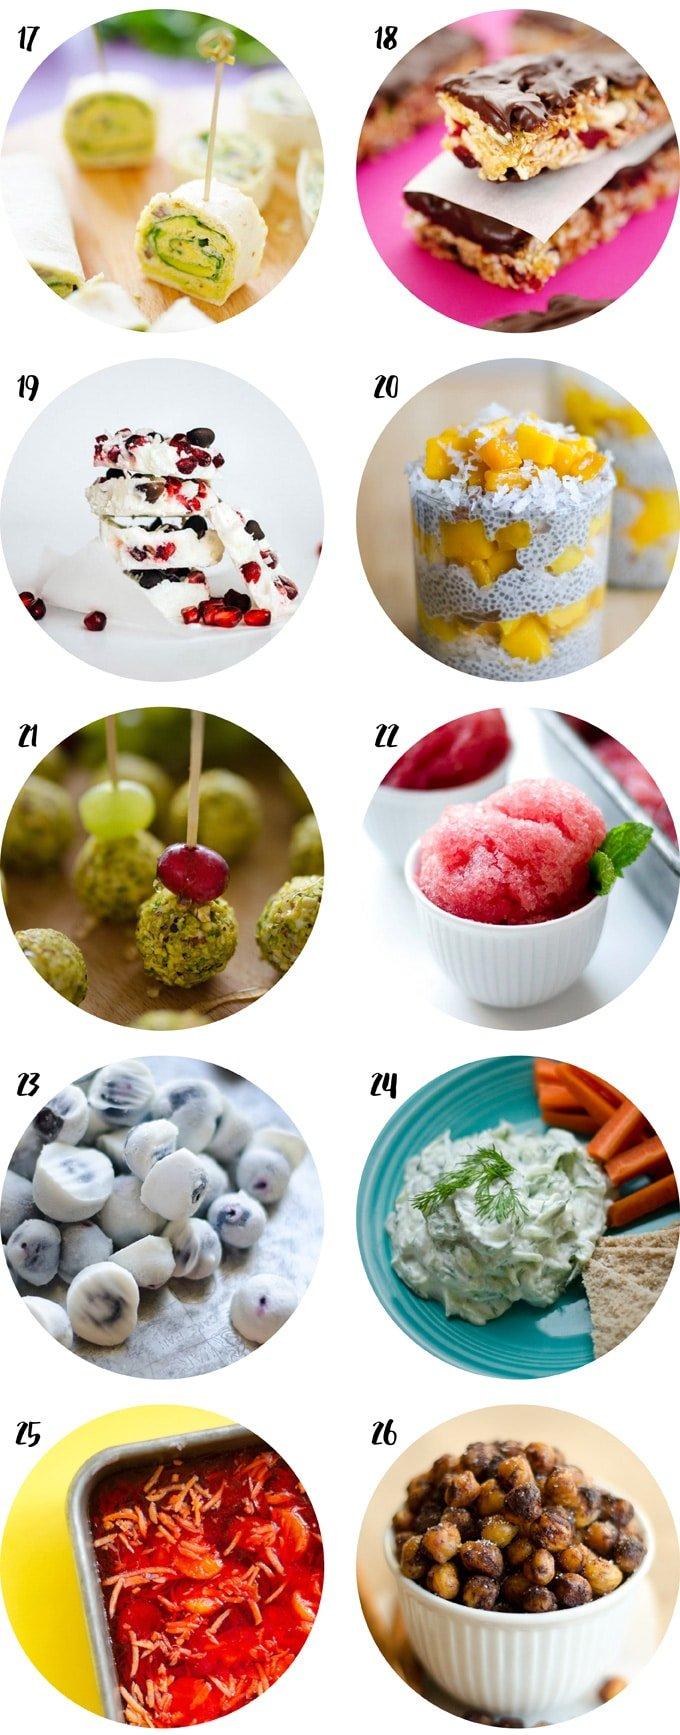 26 Healthy Dorm Room Recipes